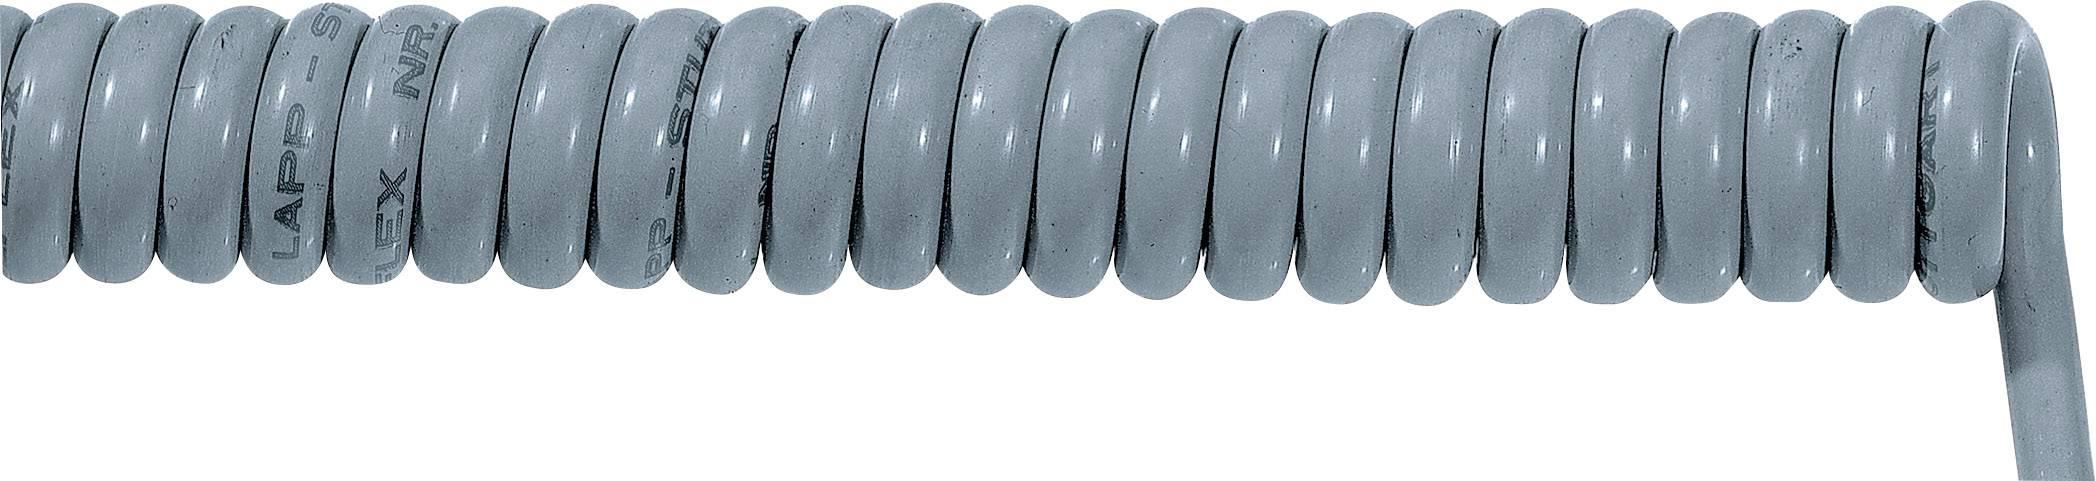 Špirálový kábel 70002624 ÖLFLEX® SPIRAL 400 P 2 x 0.75 mm², 1500 mm / 4500 mm, sivá